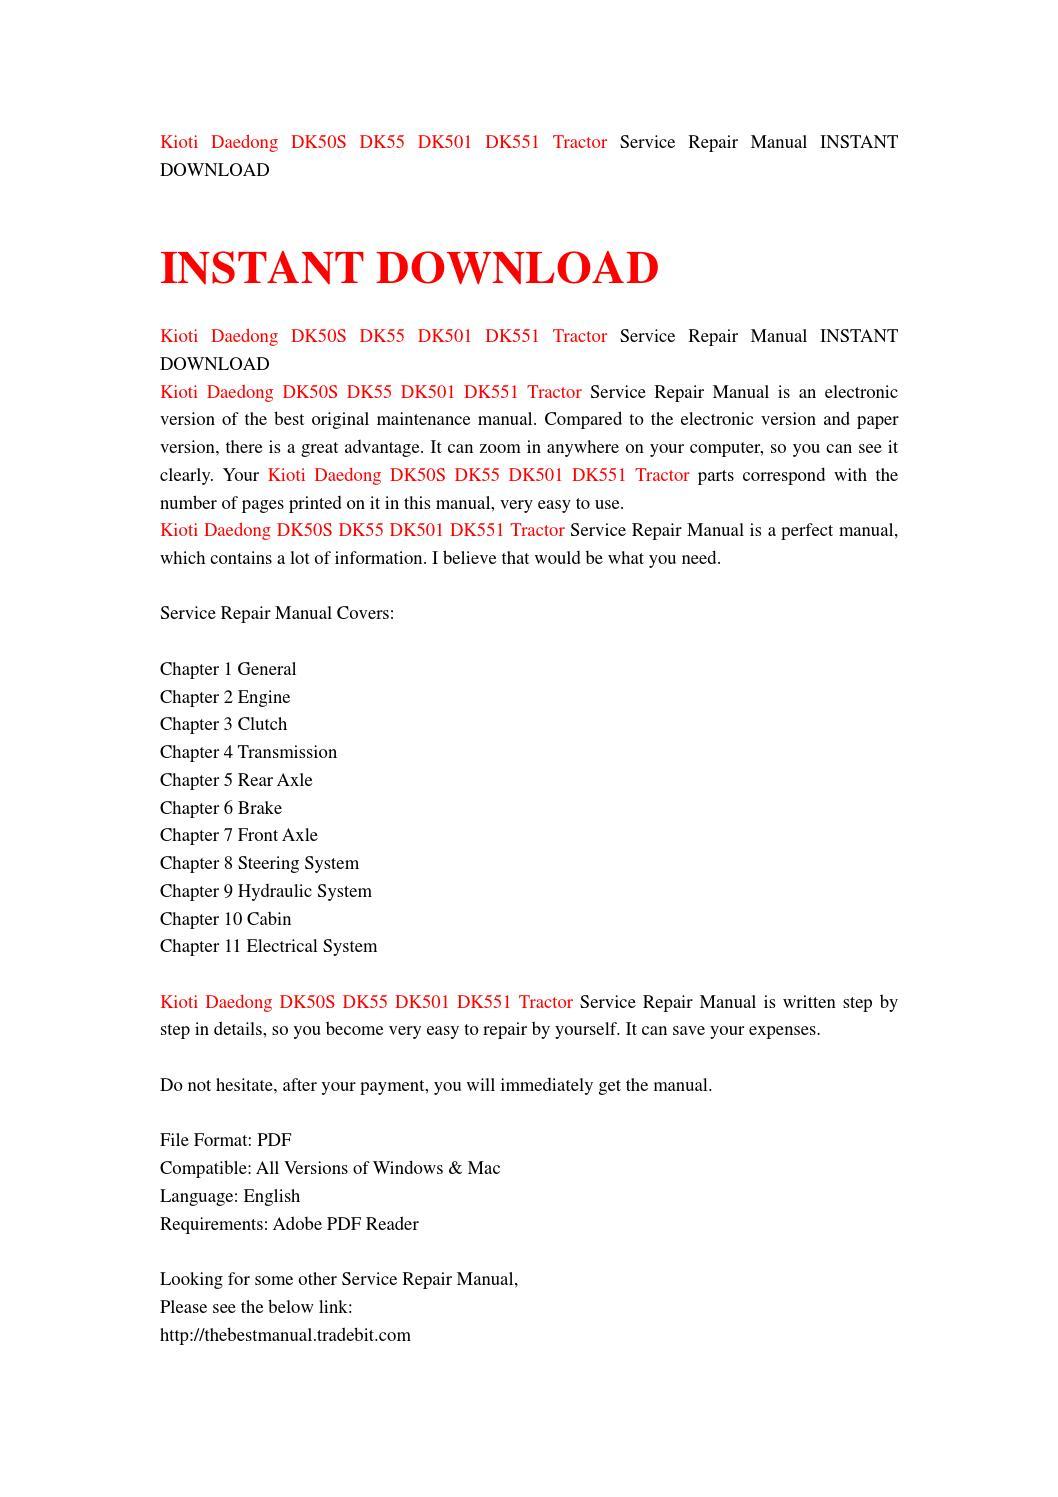 kioti daedong dk50s dk55 dk501 dk551 tractor workshop service repair manual 1 download